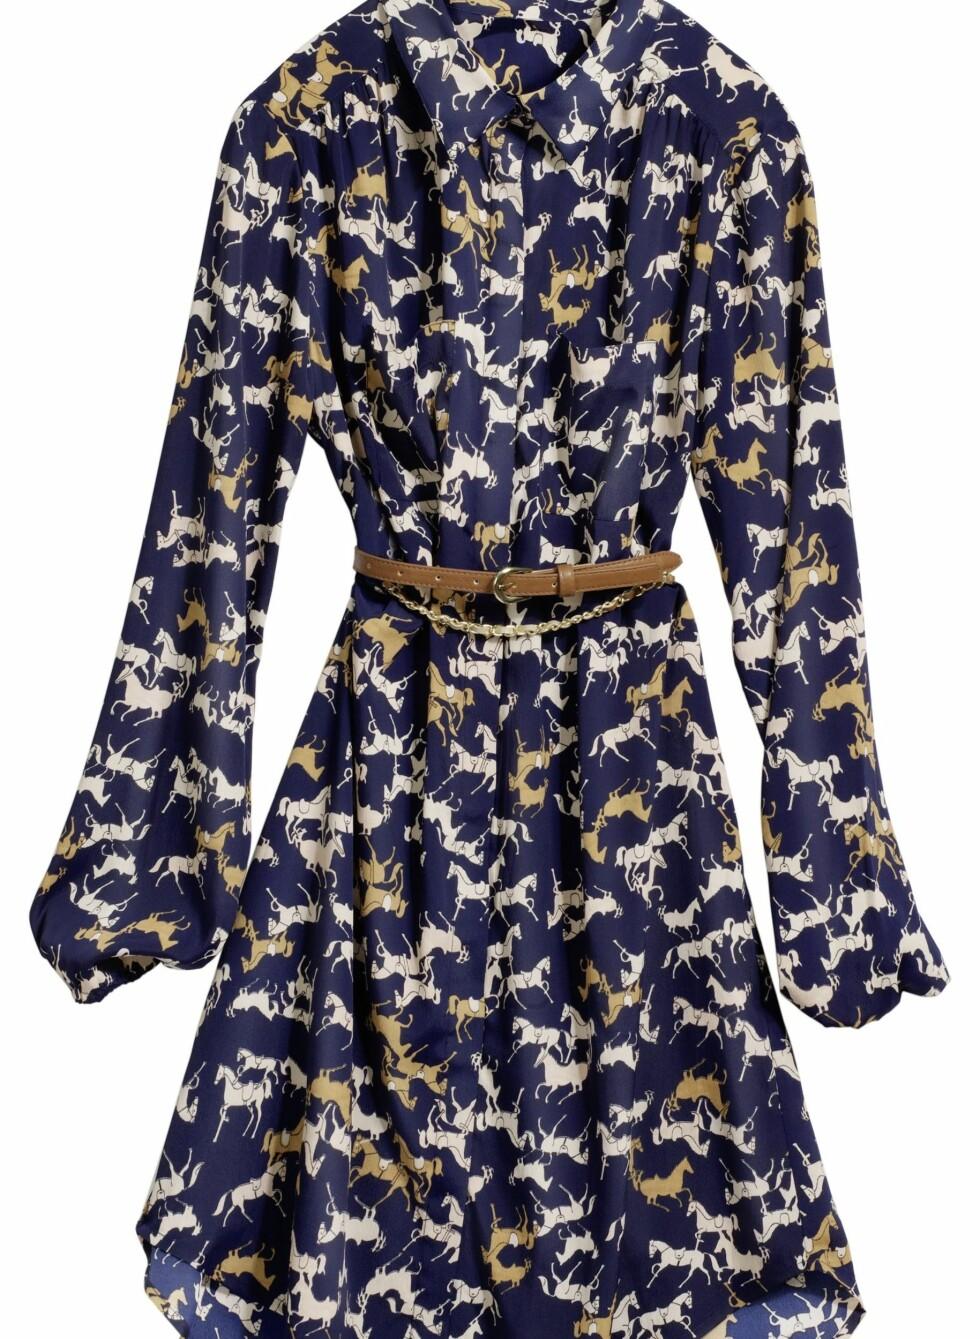 Mørkeblå kjole med hestemønster, kr 349. Foto: Produsenten